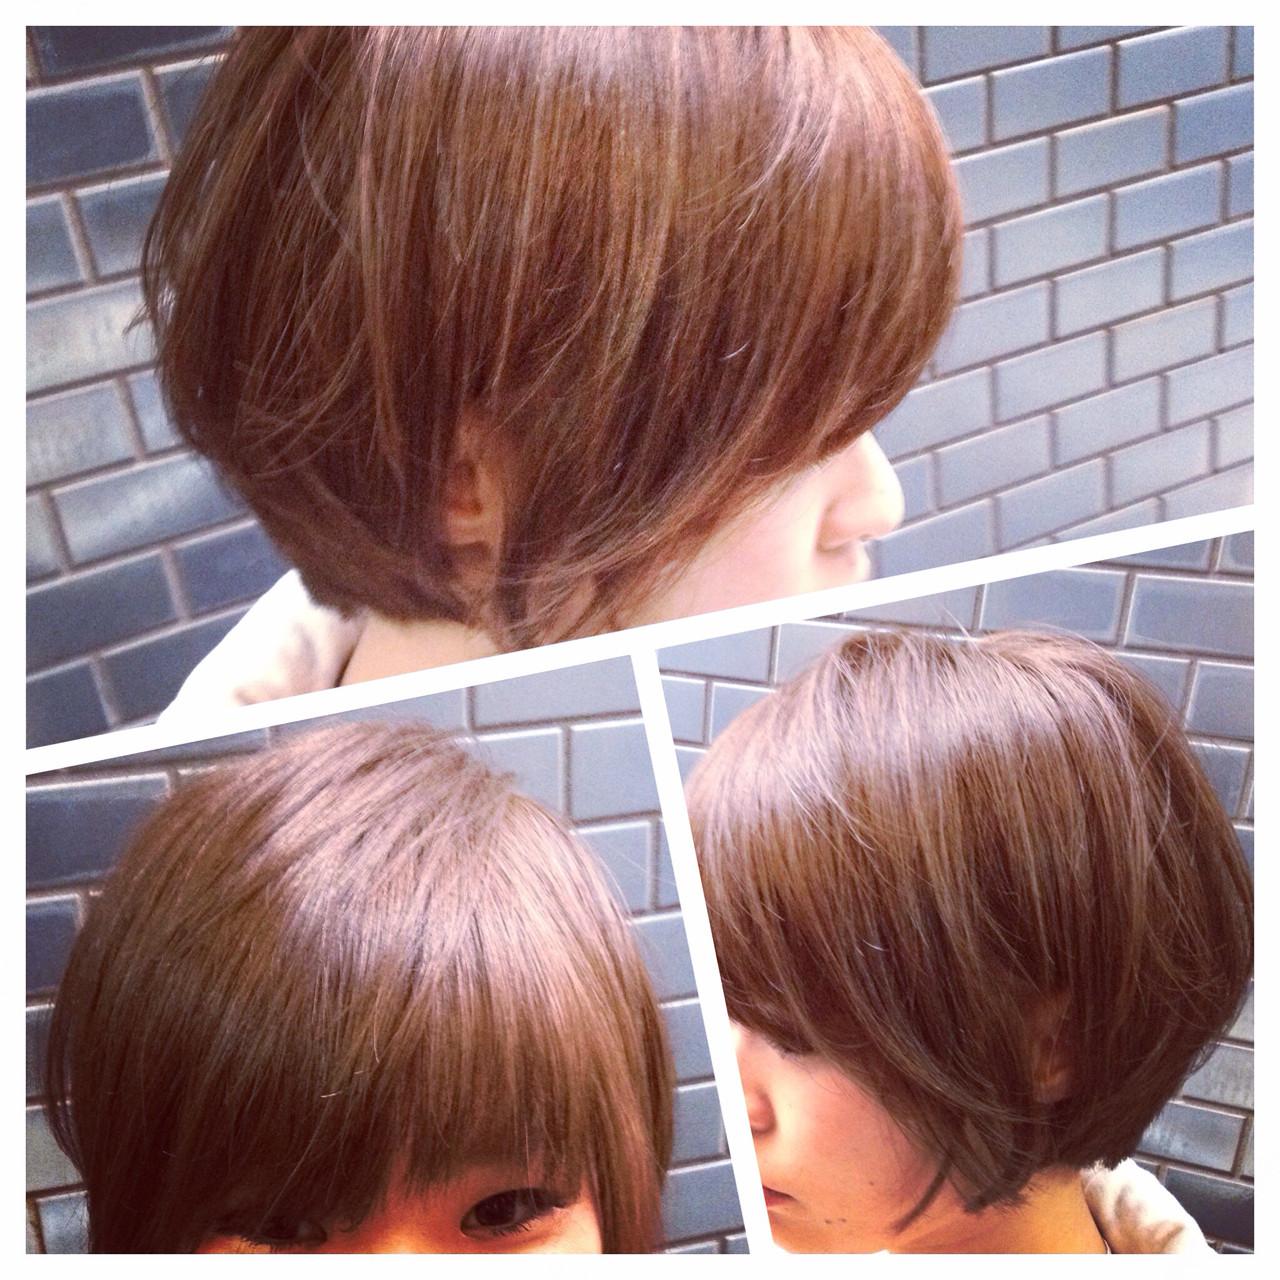 大人女子 イルミナカラー ナチュラル ボブ ヘアスタイルや髪型の写真・画像   今永 律子 / adams bella